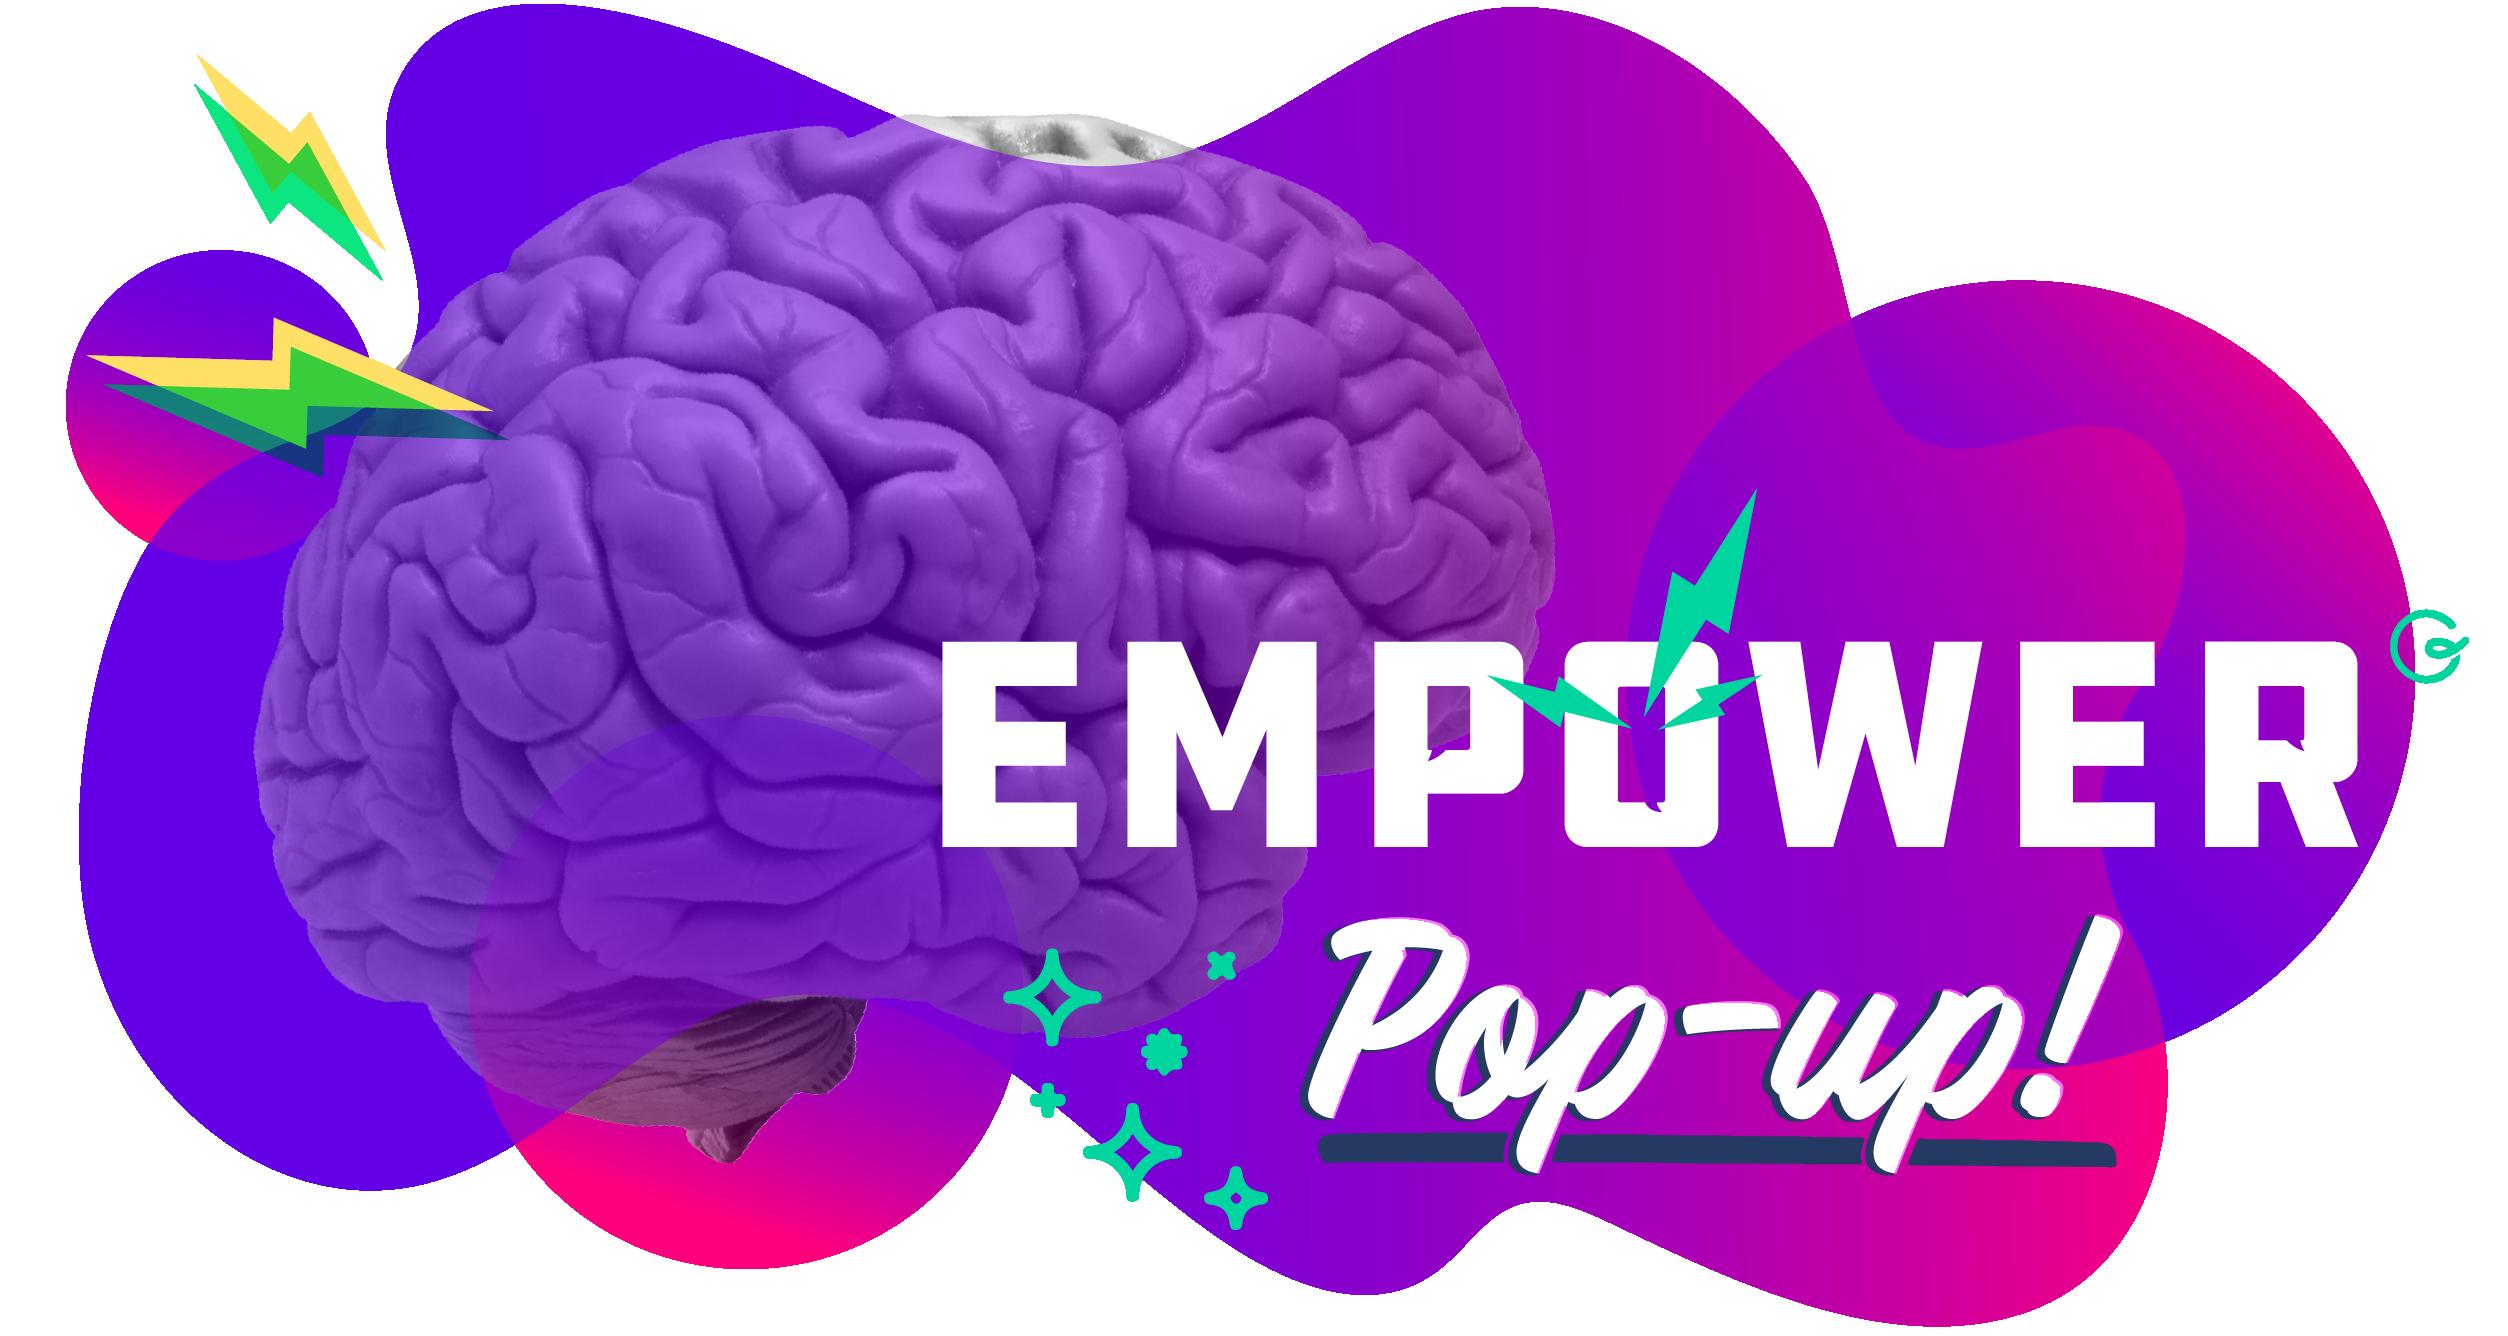 EmpowerPopup_HeroImage-600